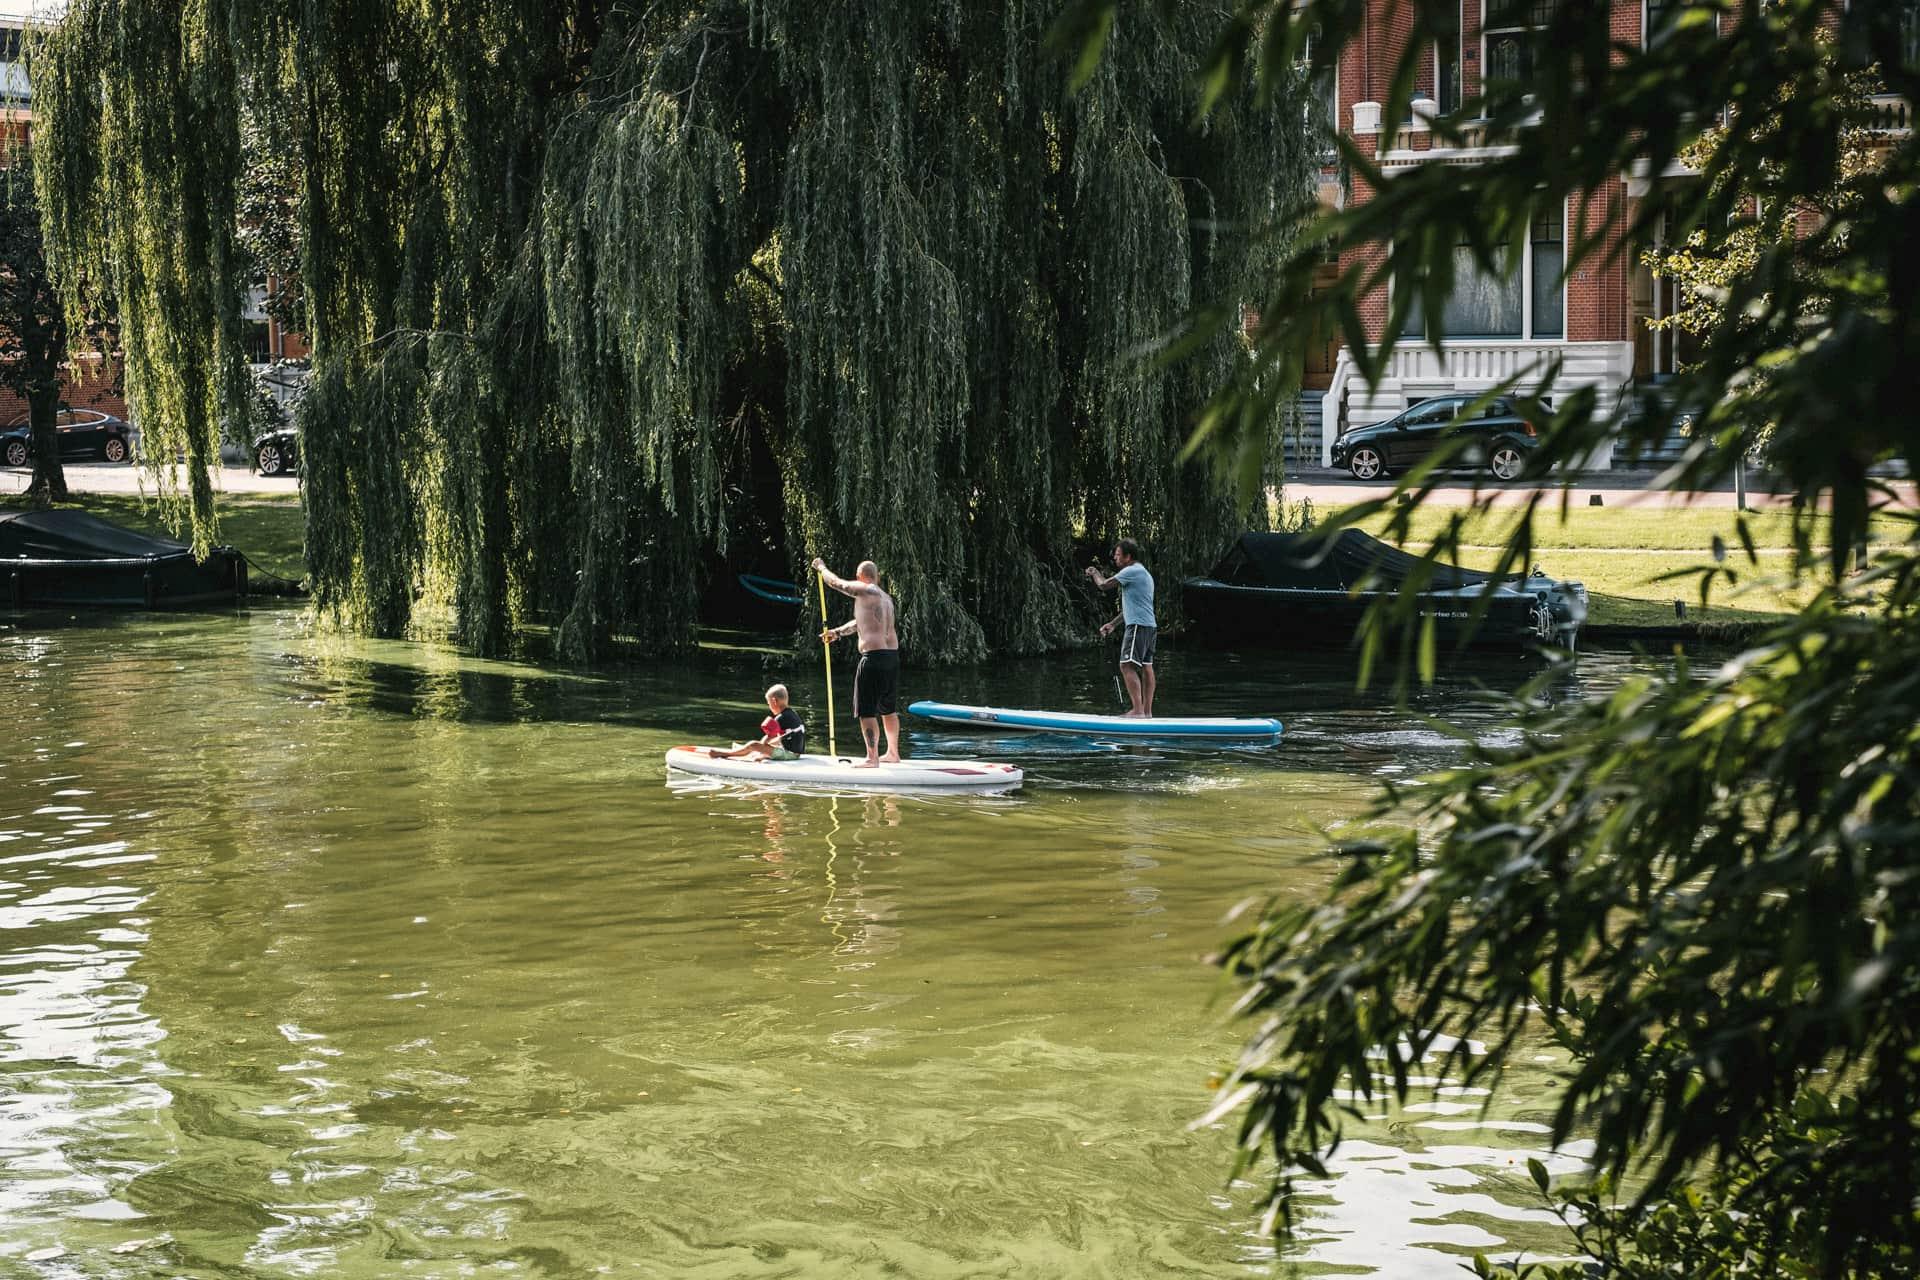 En paddle, c'est fun!